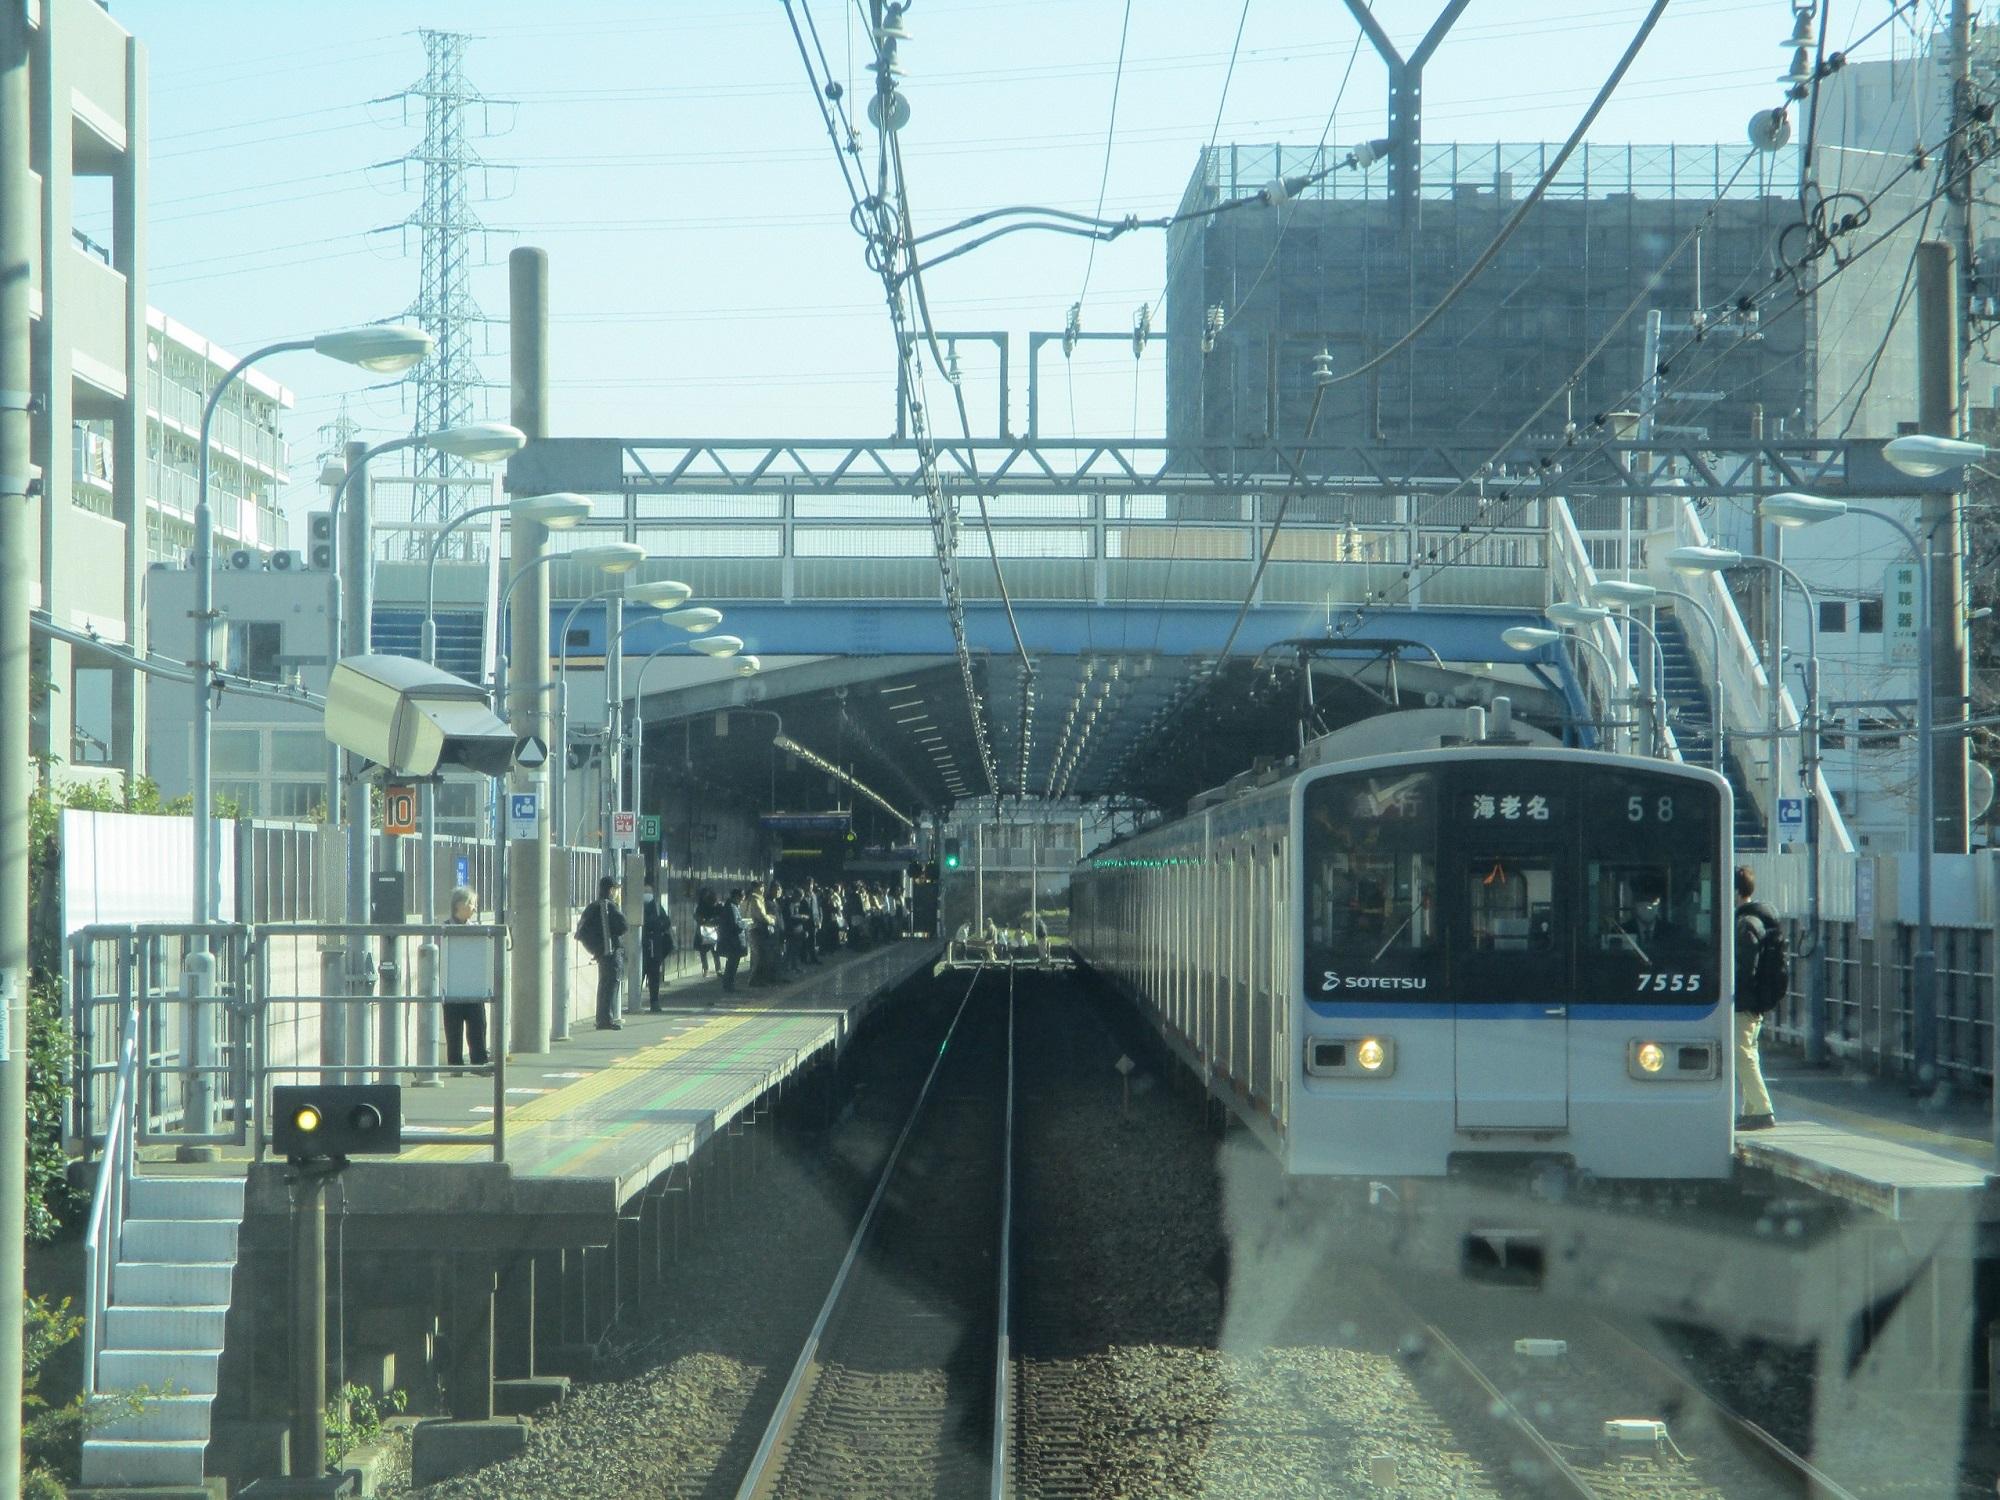 2019.12.16 (90) 新宿いき各停 - 希望ヶ丘 2000-1500